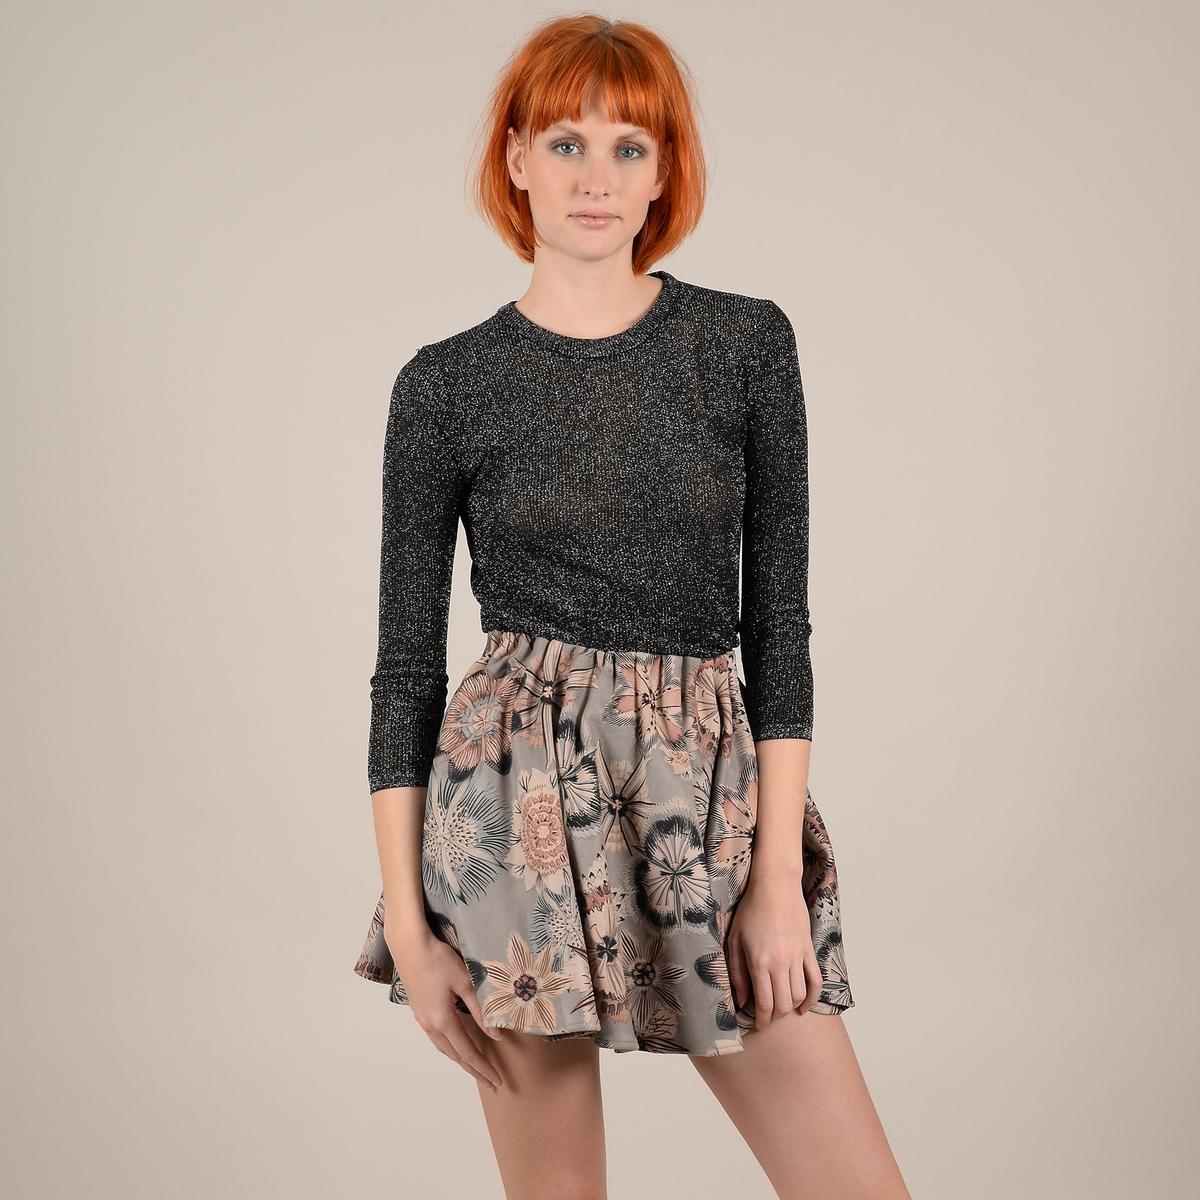 Пуловер La Redoute Из тонкого блестящего трикотажа с рукавами L/XL черный пуловер la redoute из тонкого трикотажа со шнуровкой l бежевый